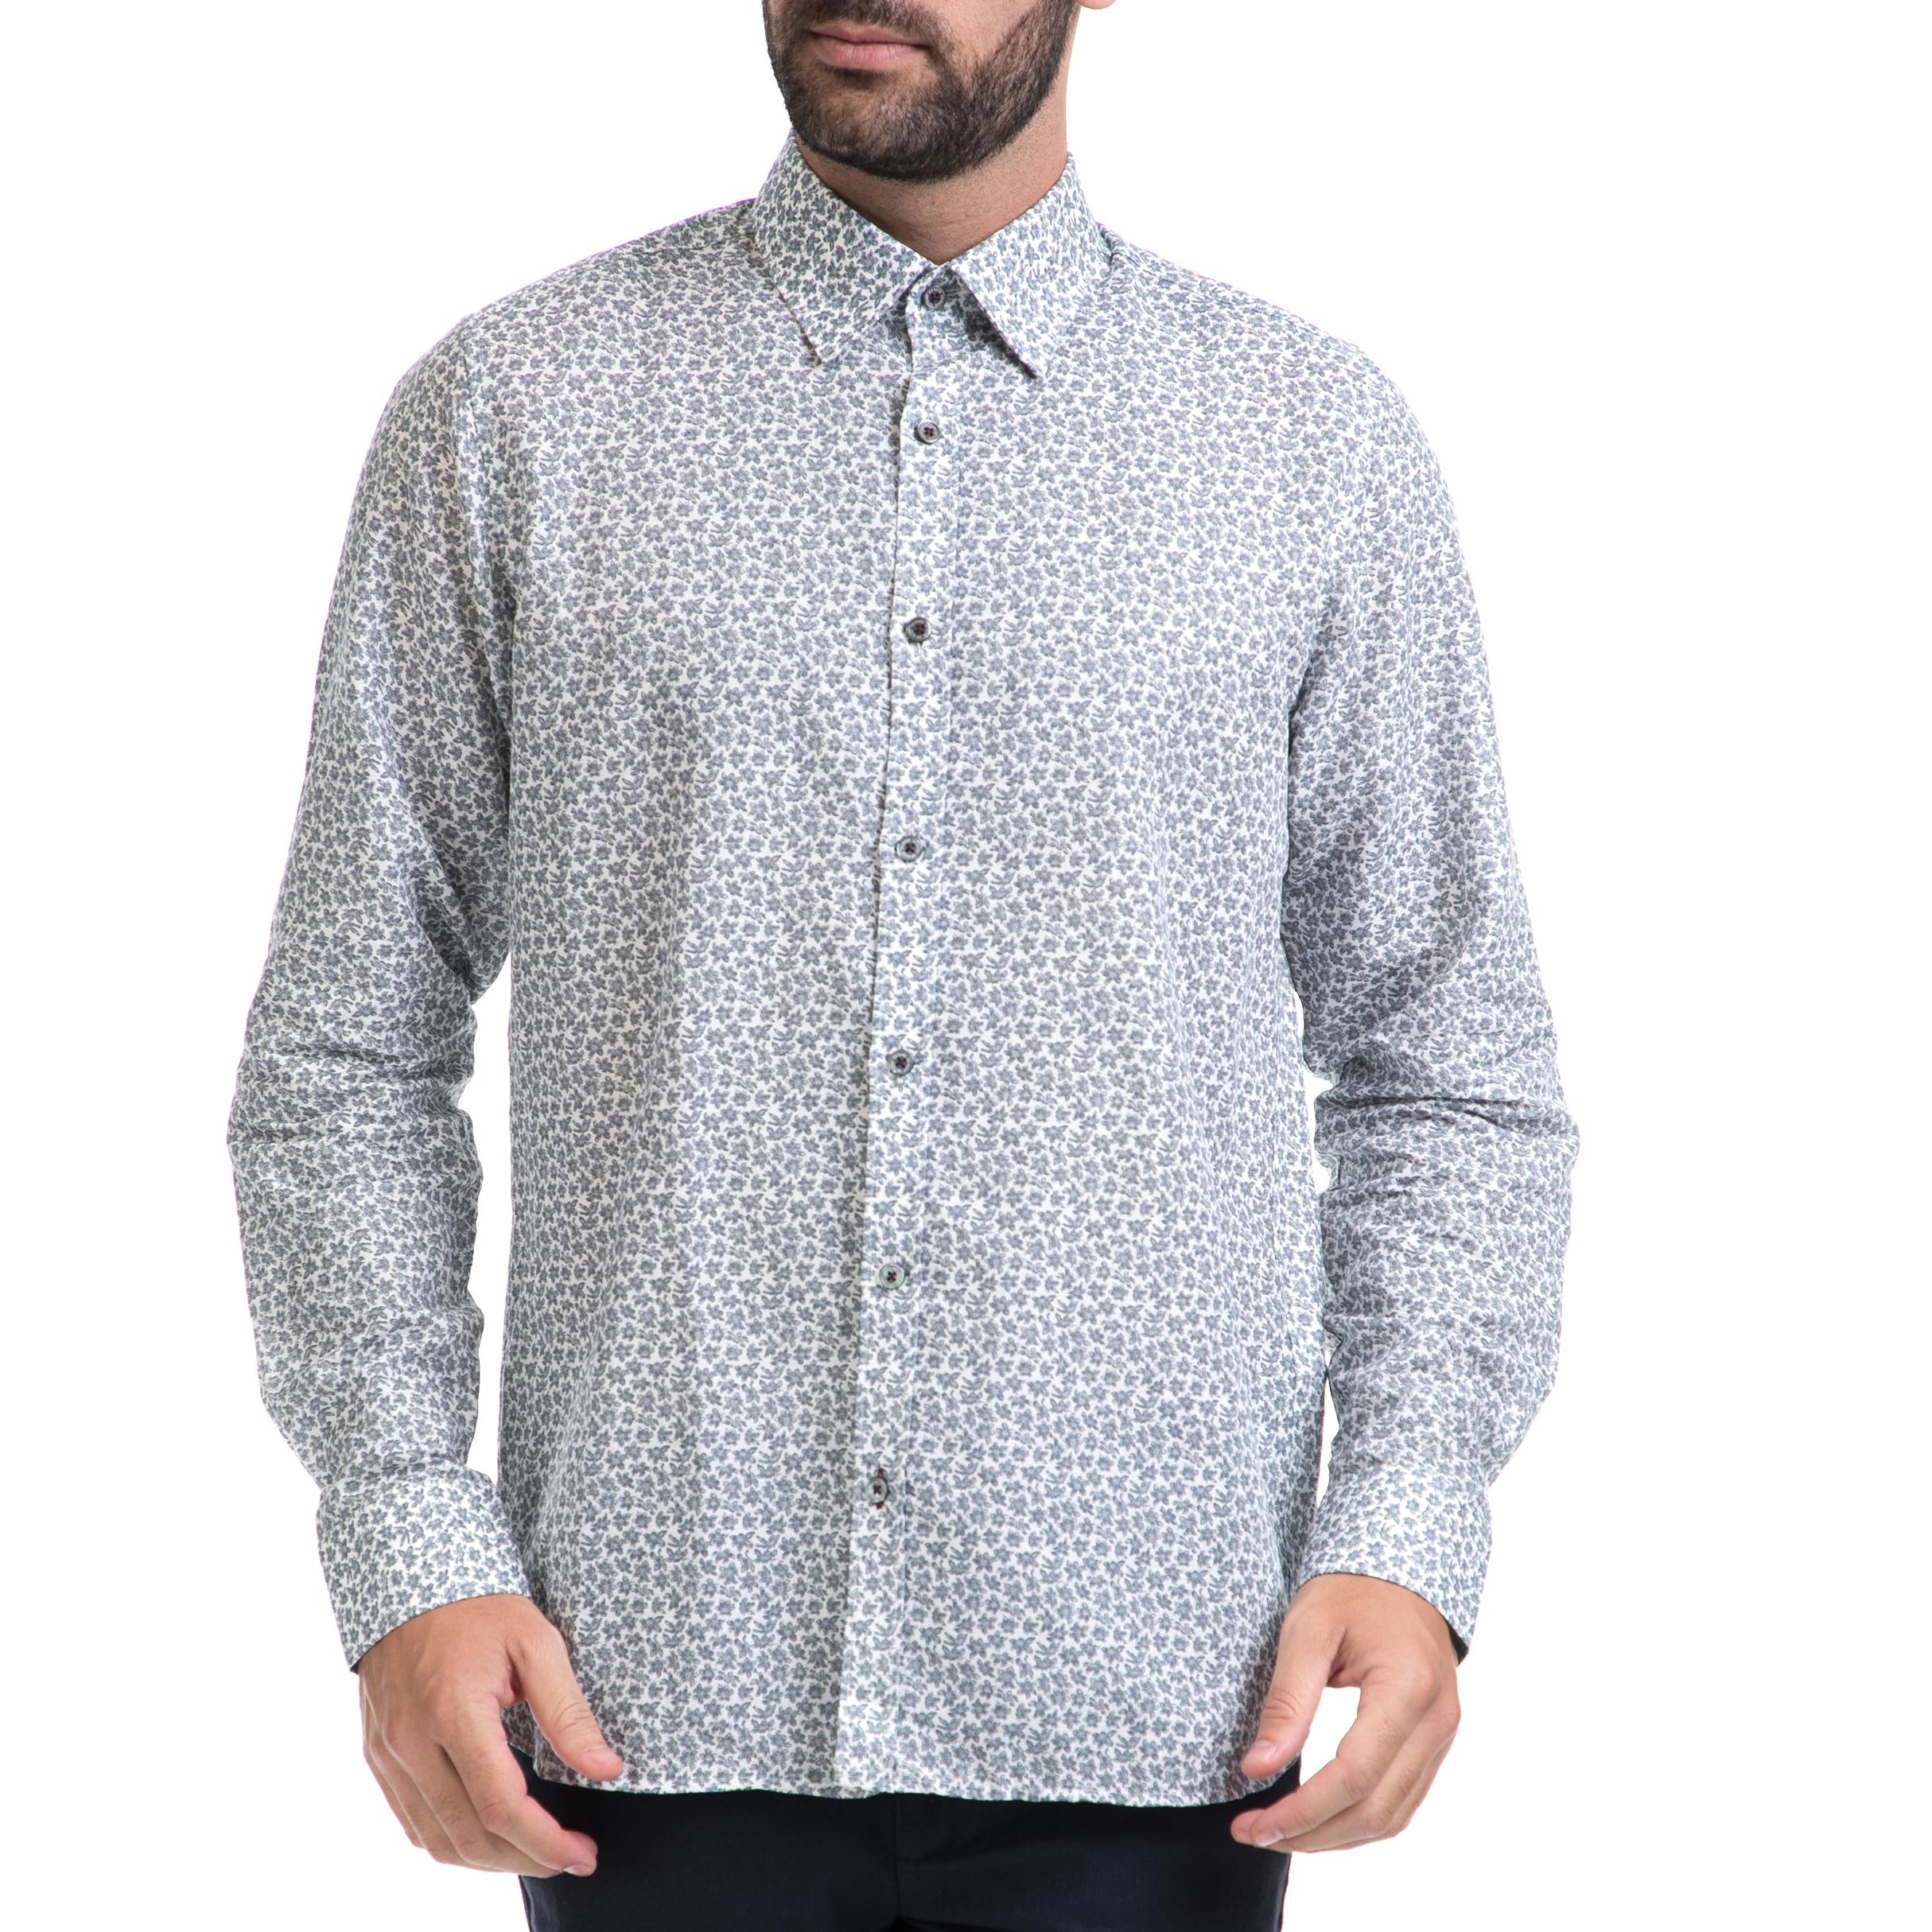 TED BAKER - Αντρικό πουκάμισο TED BAKER άσπρο-γκρι ανδρικά ρούχα πουκάμισα μακρυμάνικα